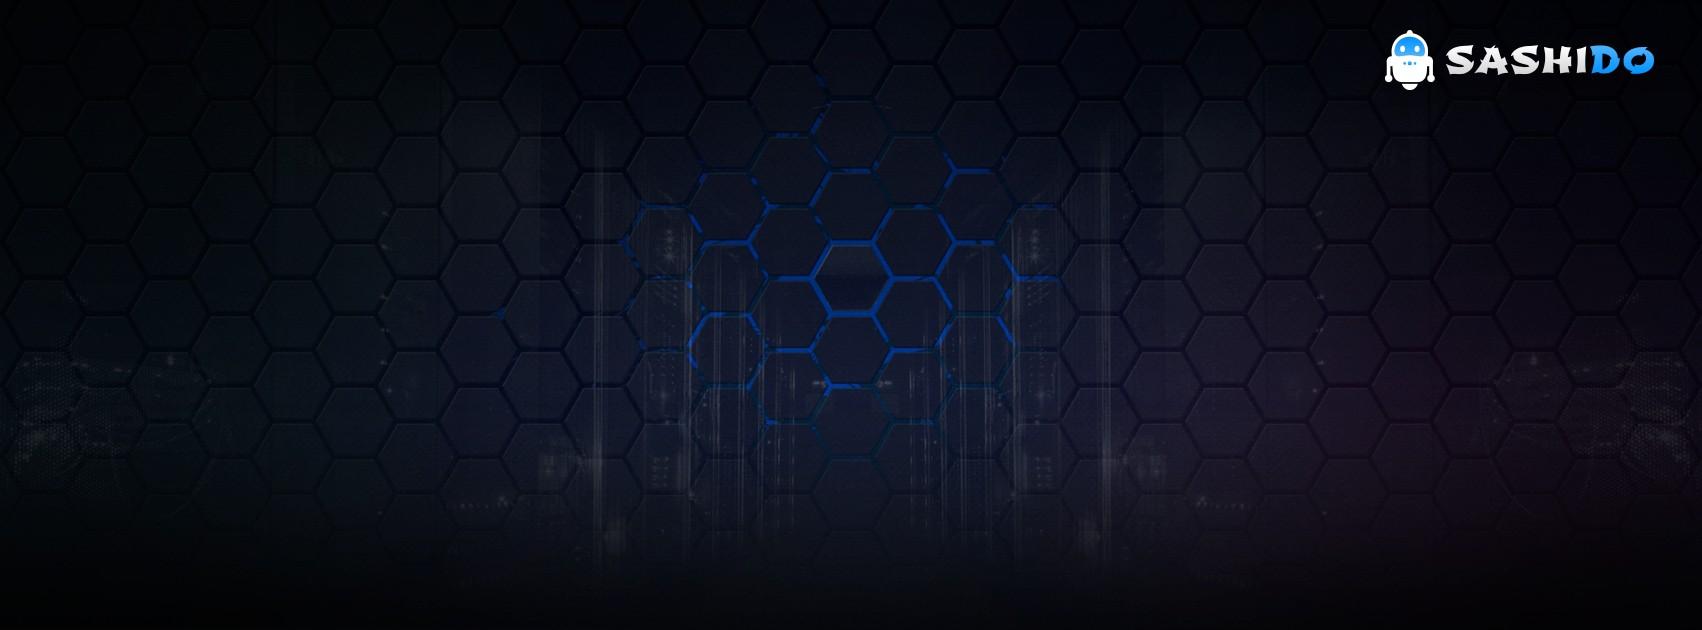 SashiDo io | LinkedIn